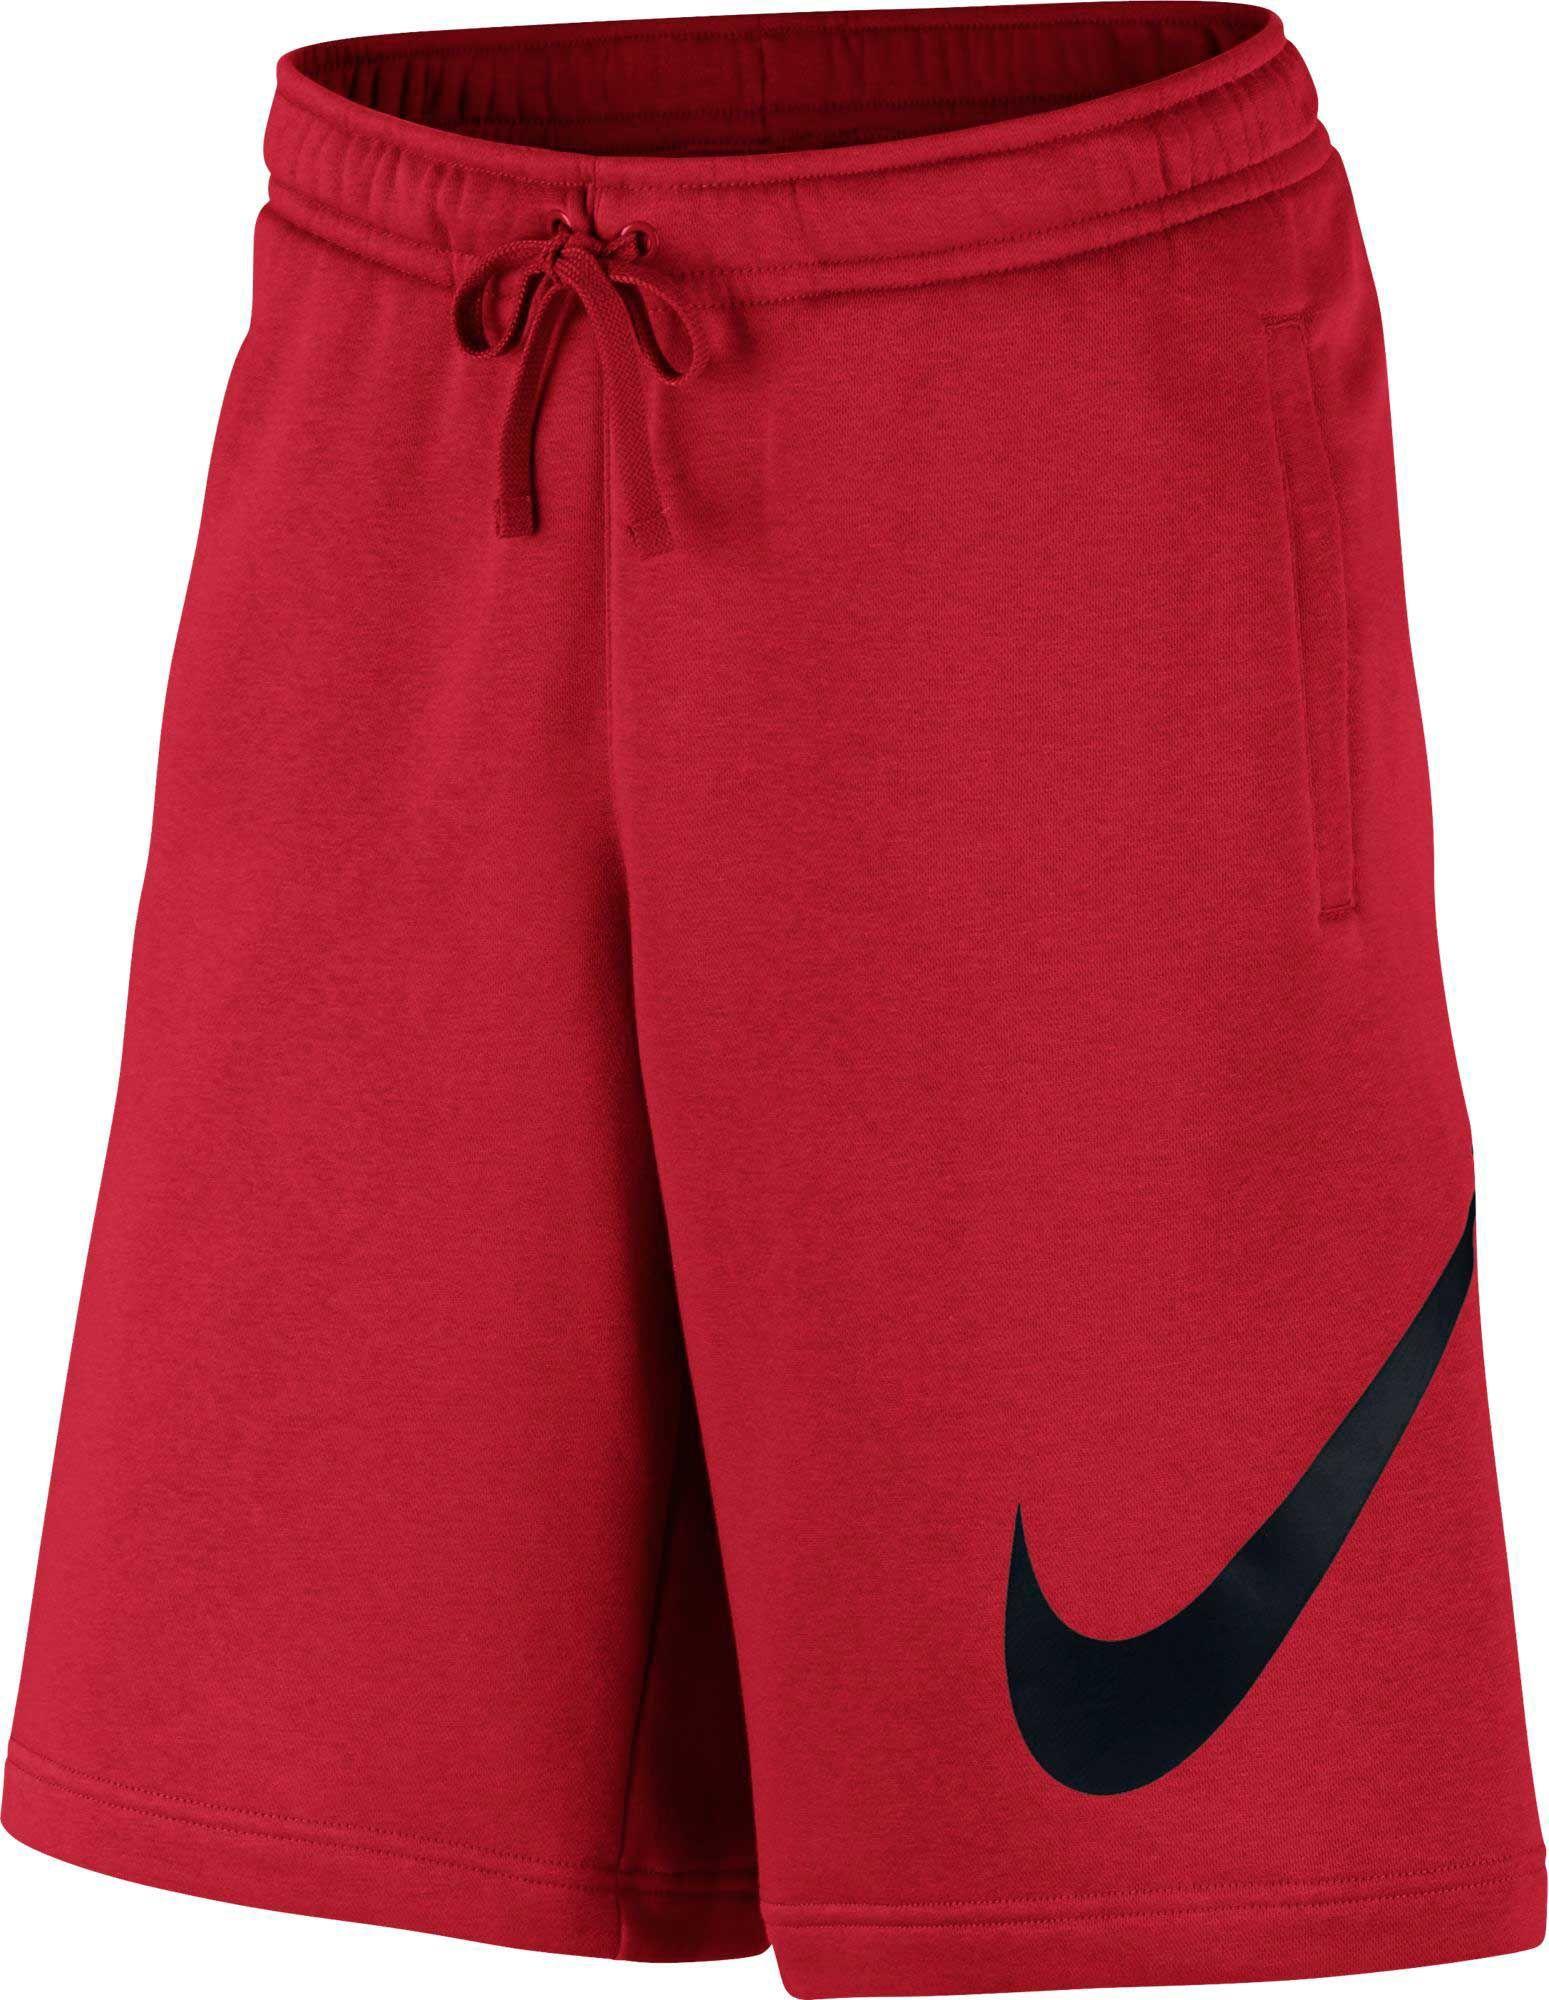 0a9b1940c973 Nike Men s Sportswear Club Fleece Sweatshorts in 2019